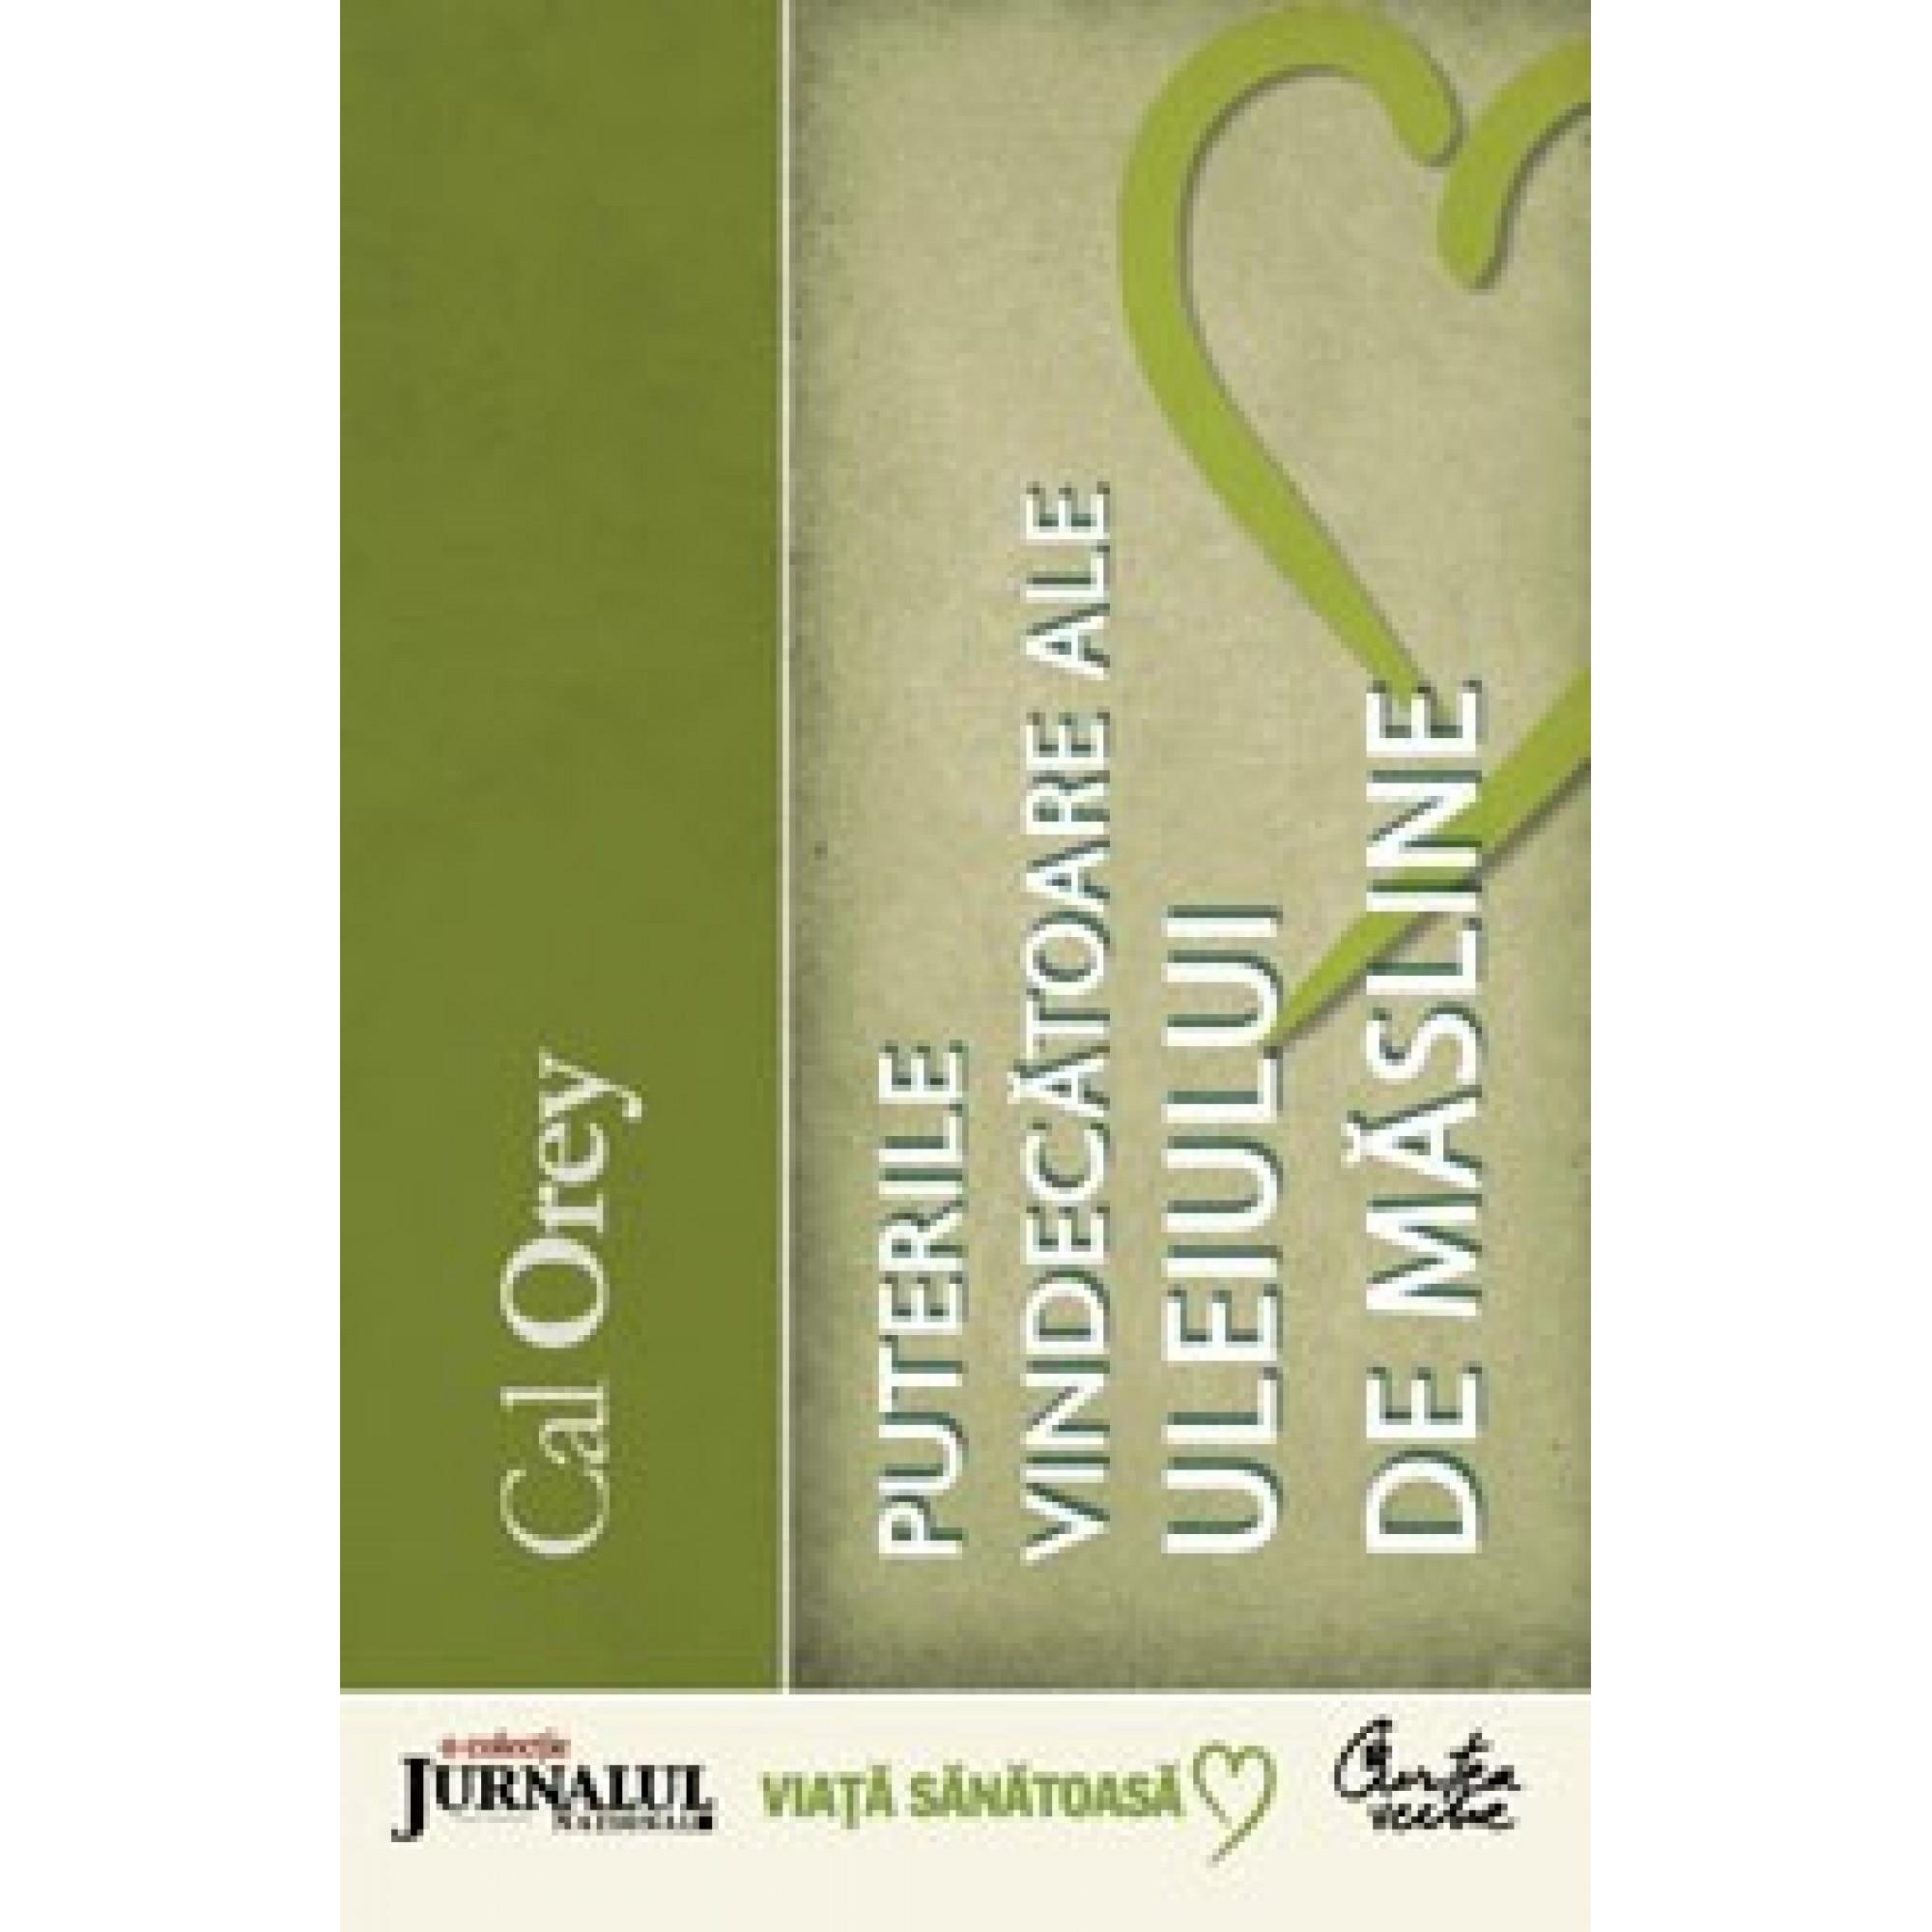 Puterile vindecătoare ale uleiului de măsline. Ghid complet pentru folosirea aurului lichid al naturii; Cal Orey